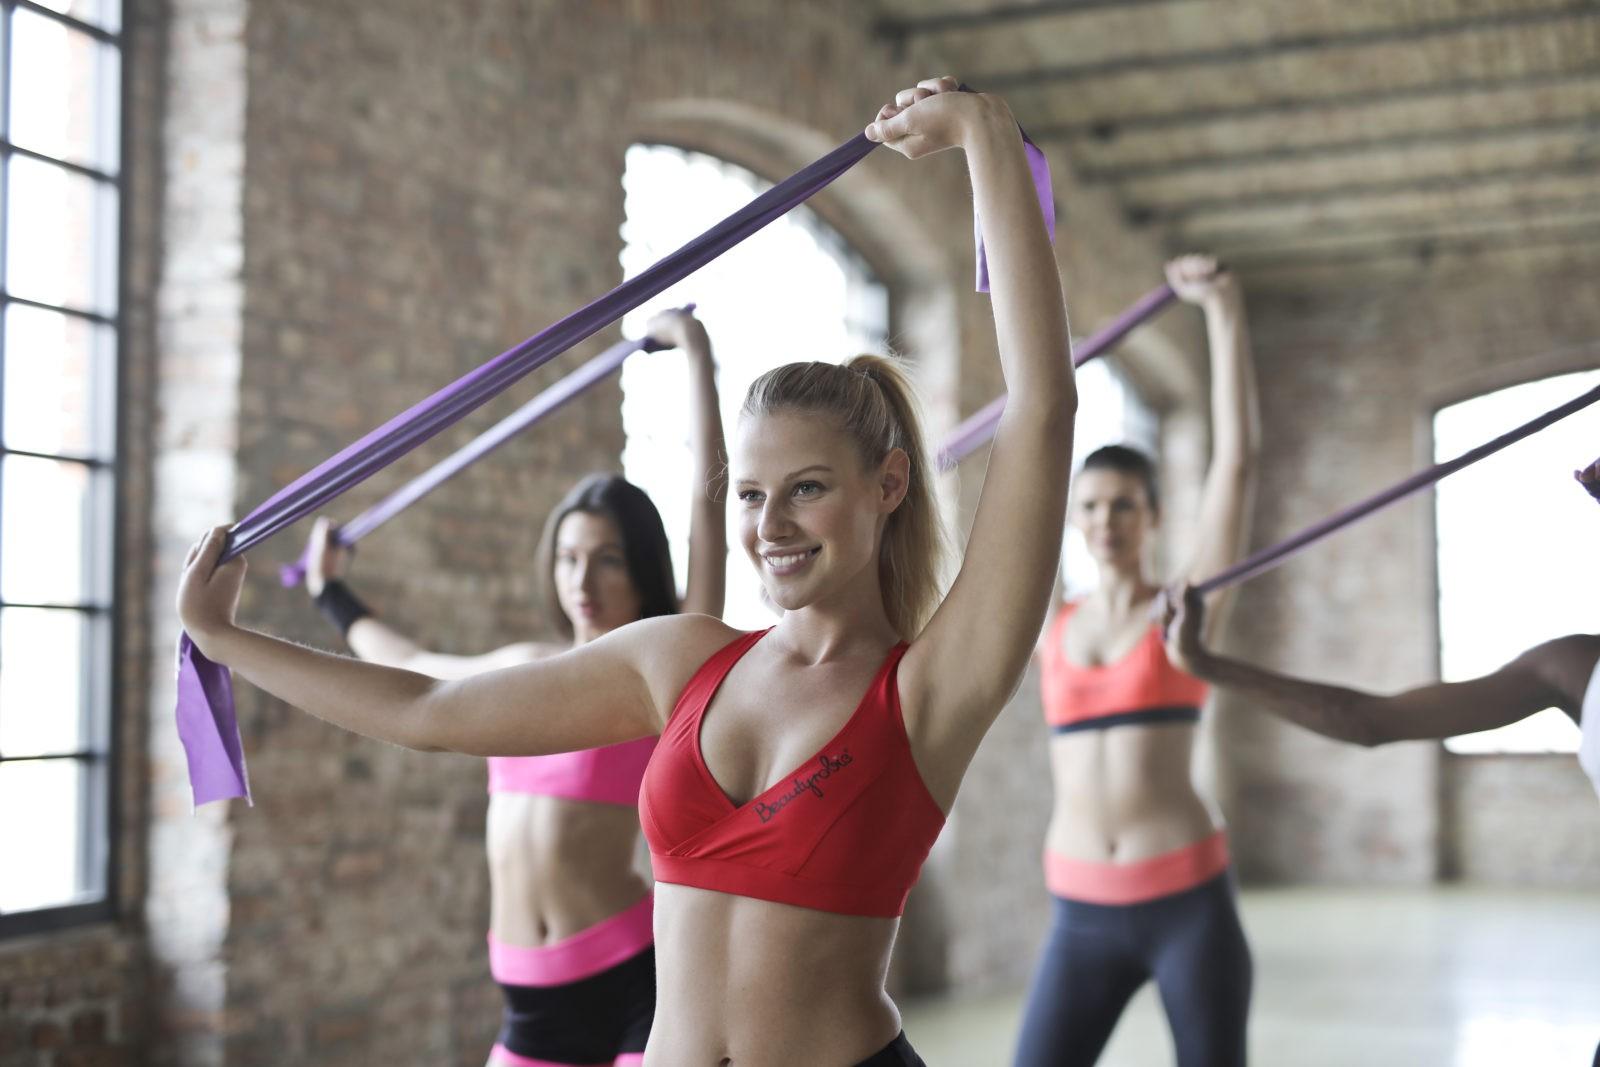 Разминка перед тренировкой дома и в тренажерном зале для девушек